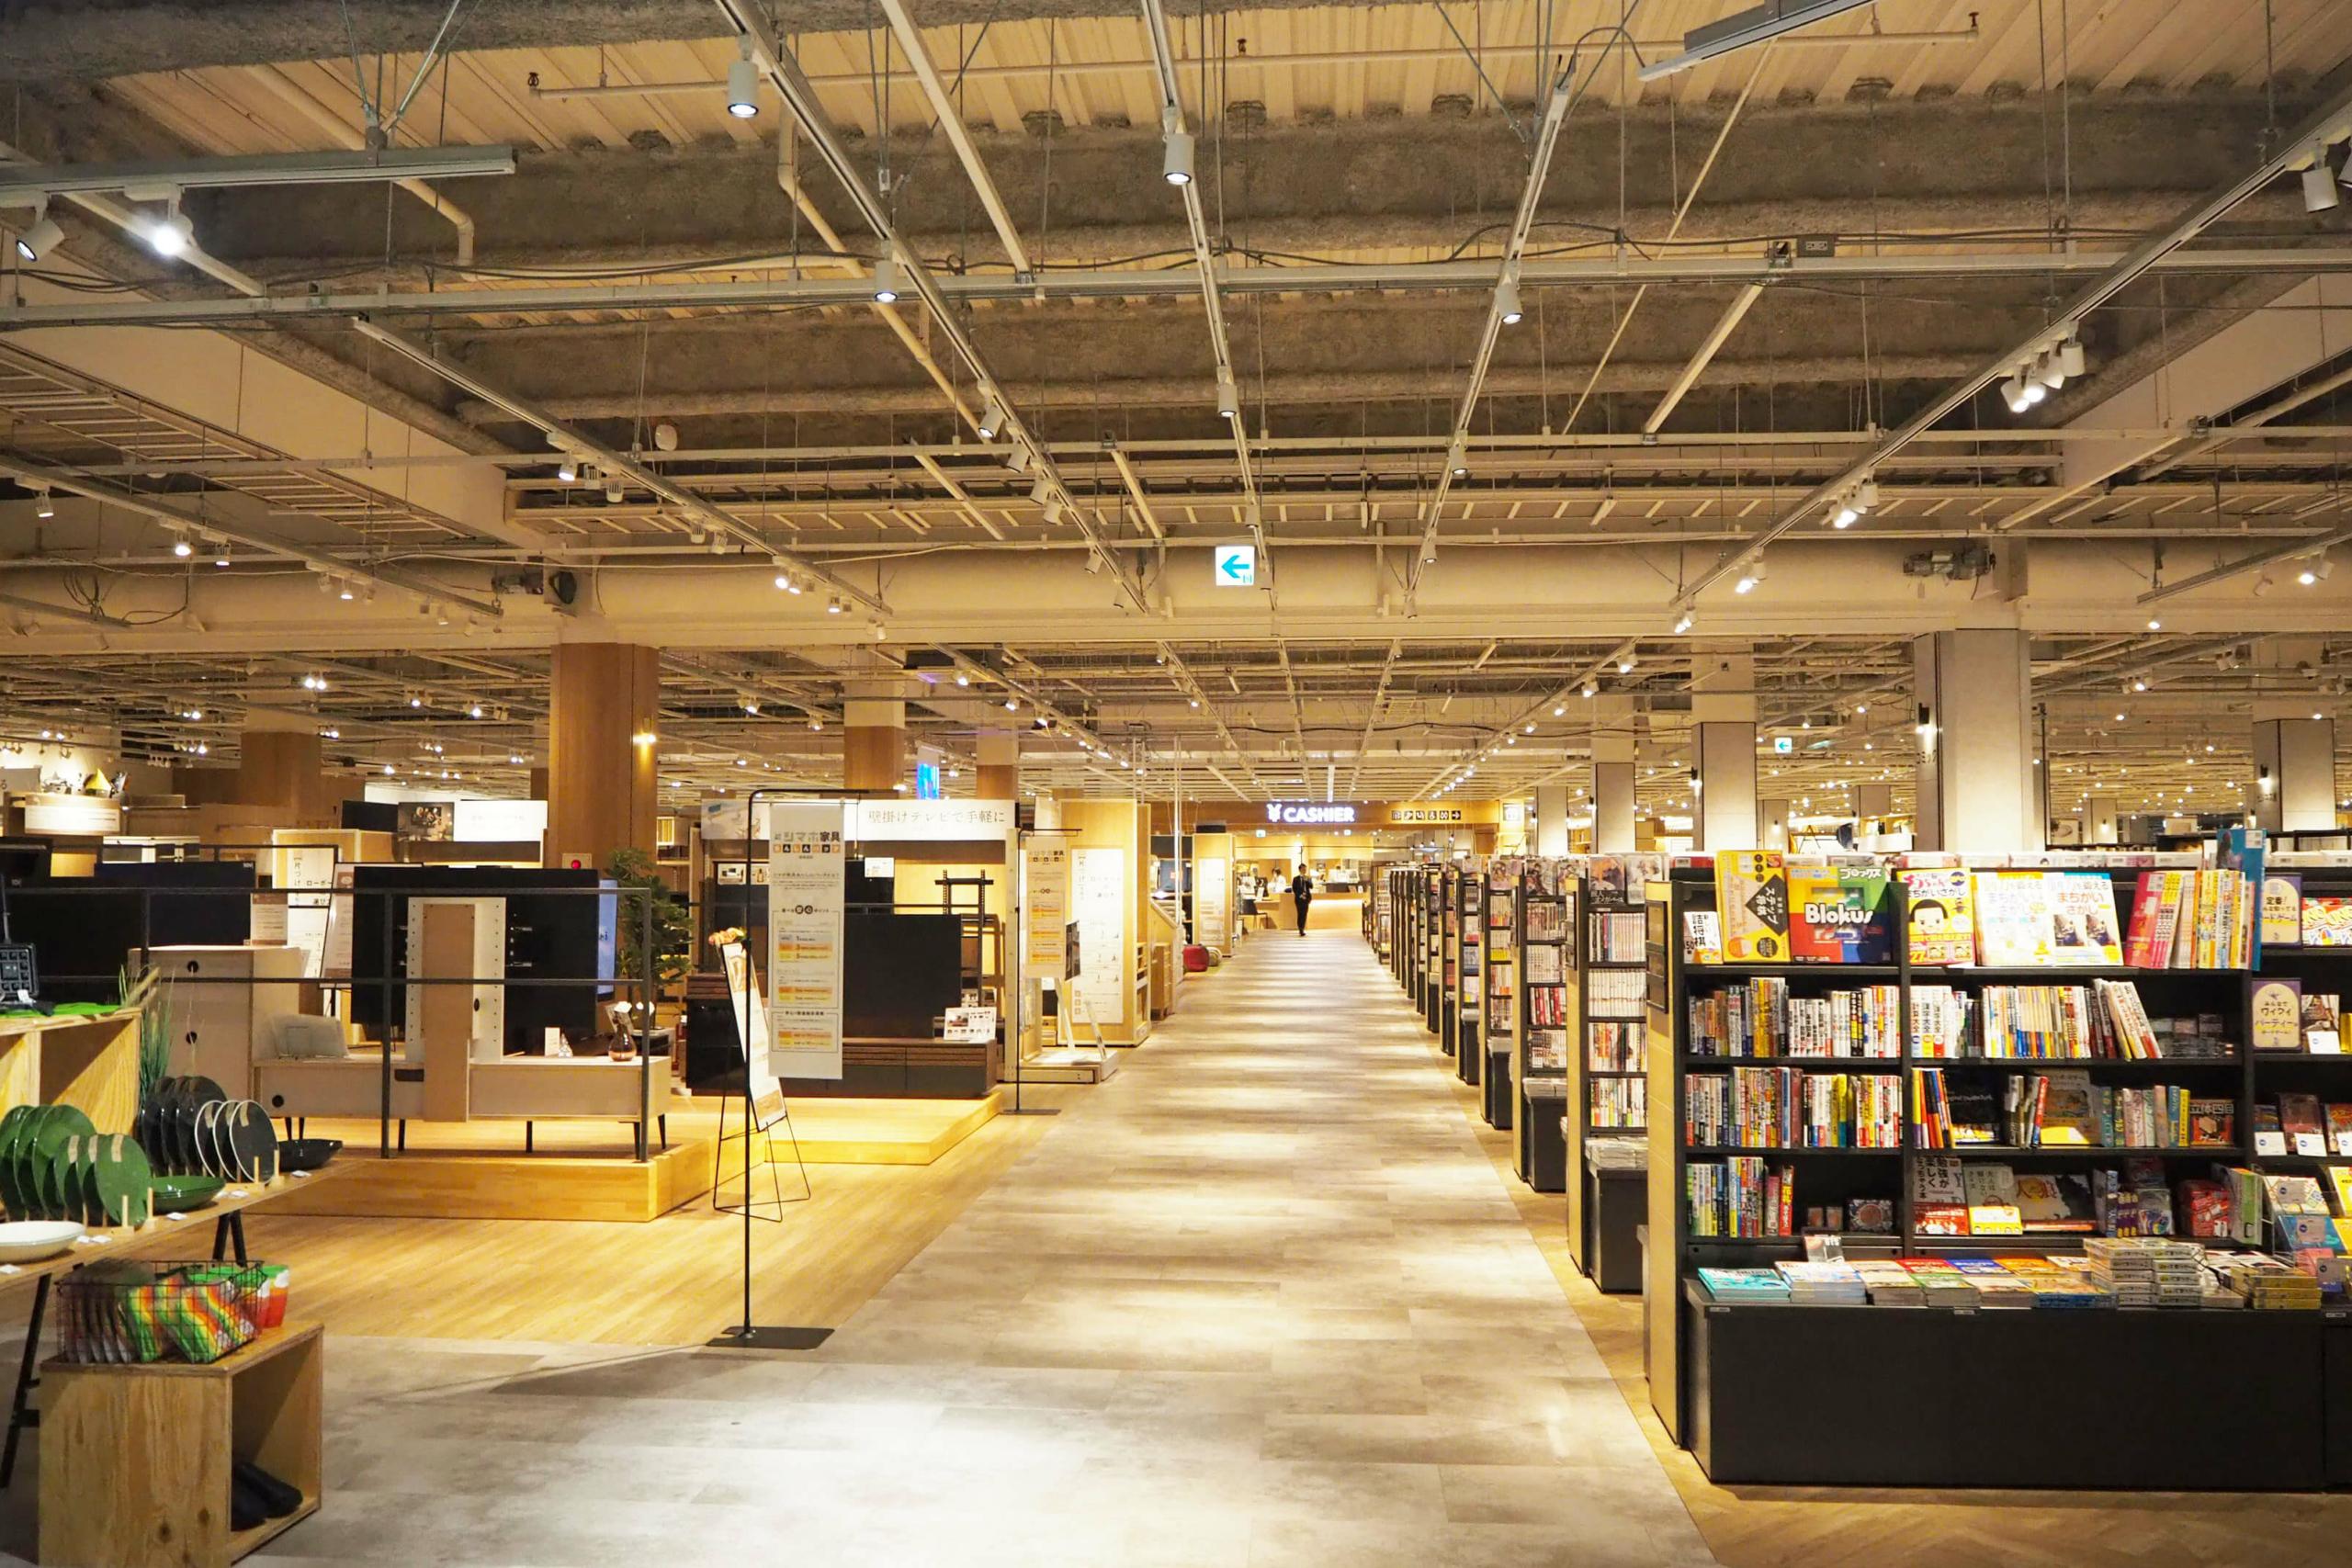 店内は、本と家具売り場が、自然につながるよう意識した配置になっている